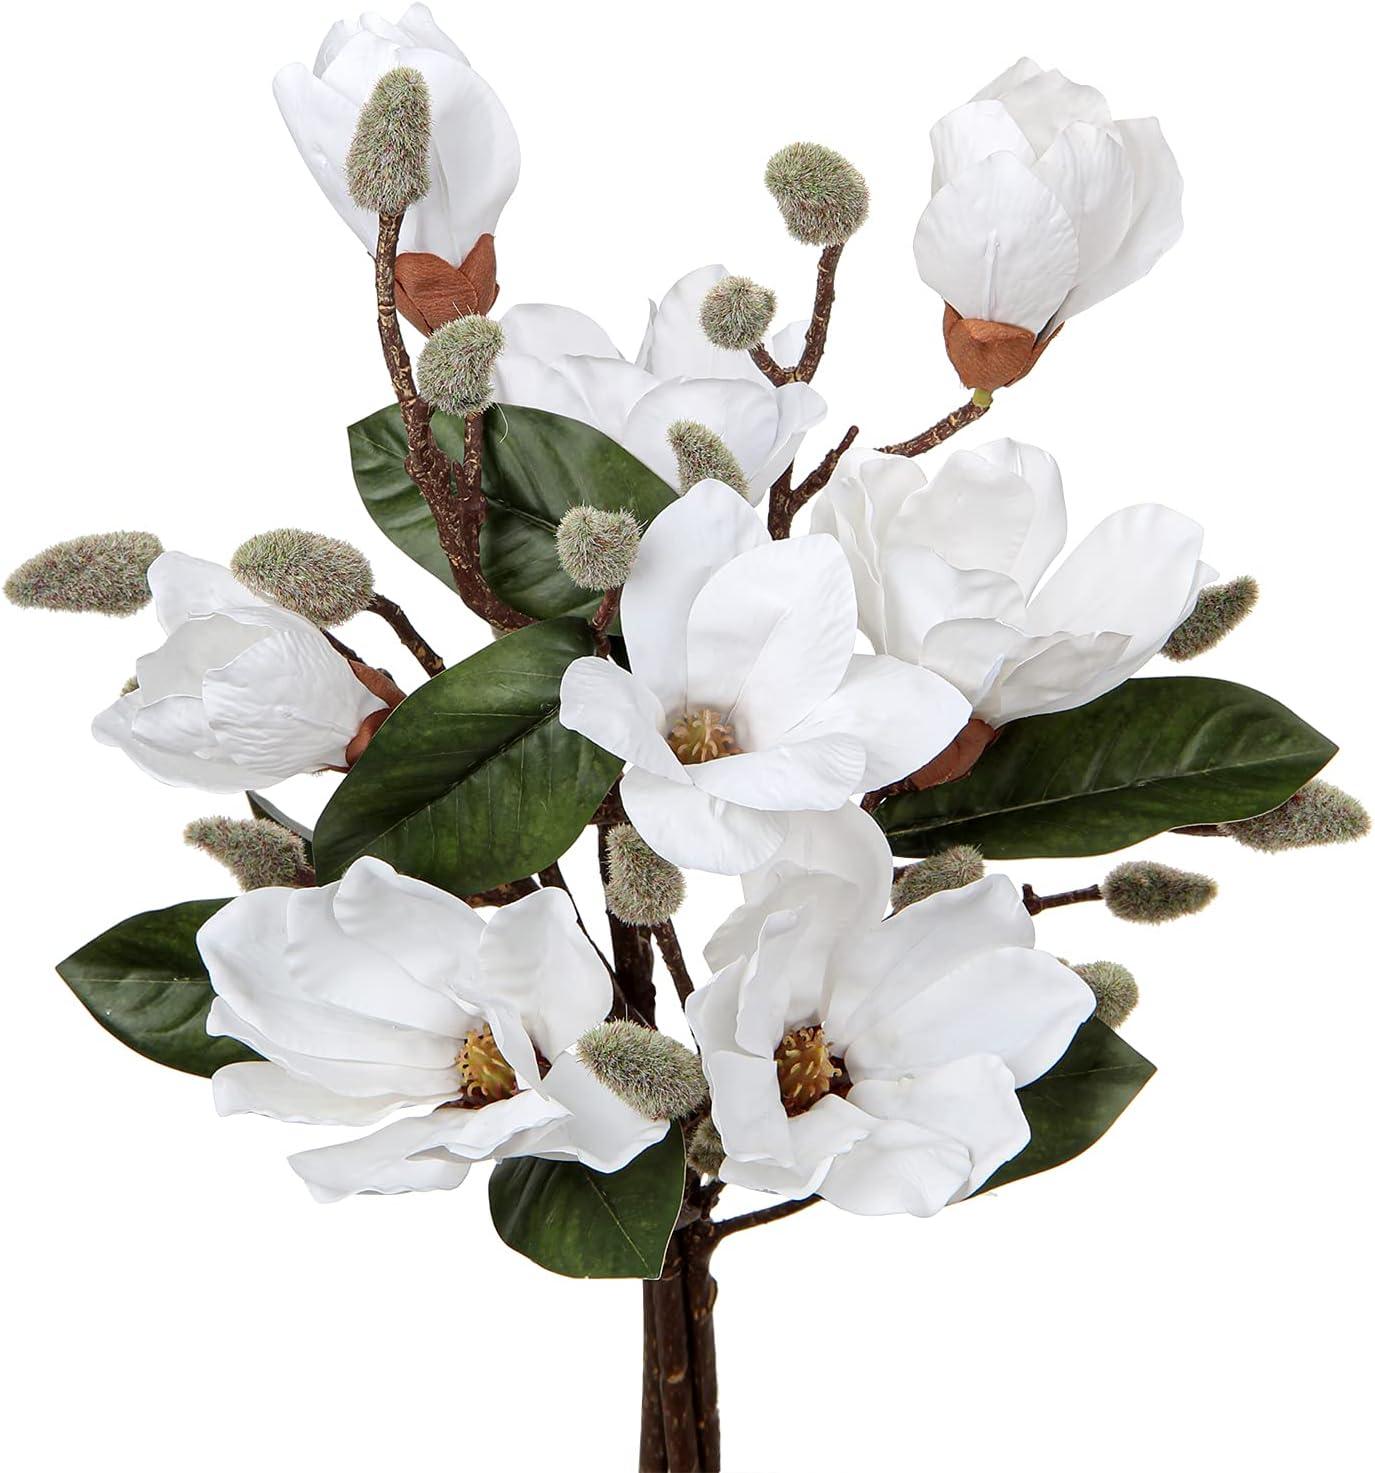 Artificial Flower Magnolia Stems 17.7